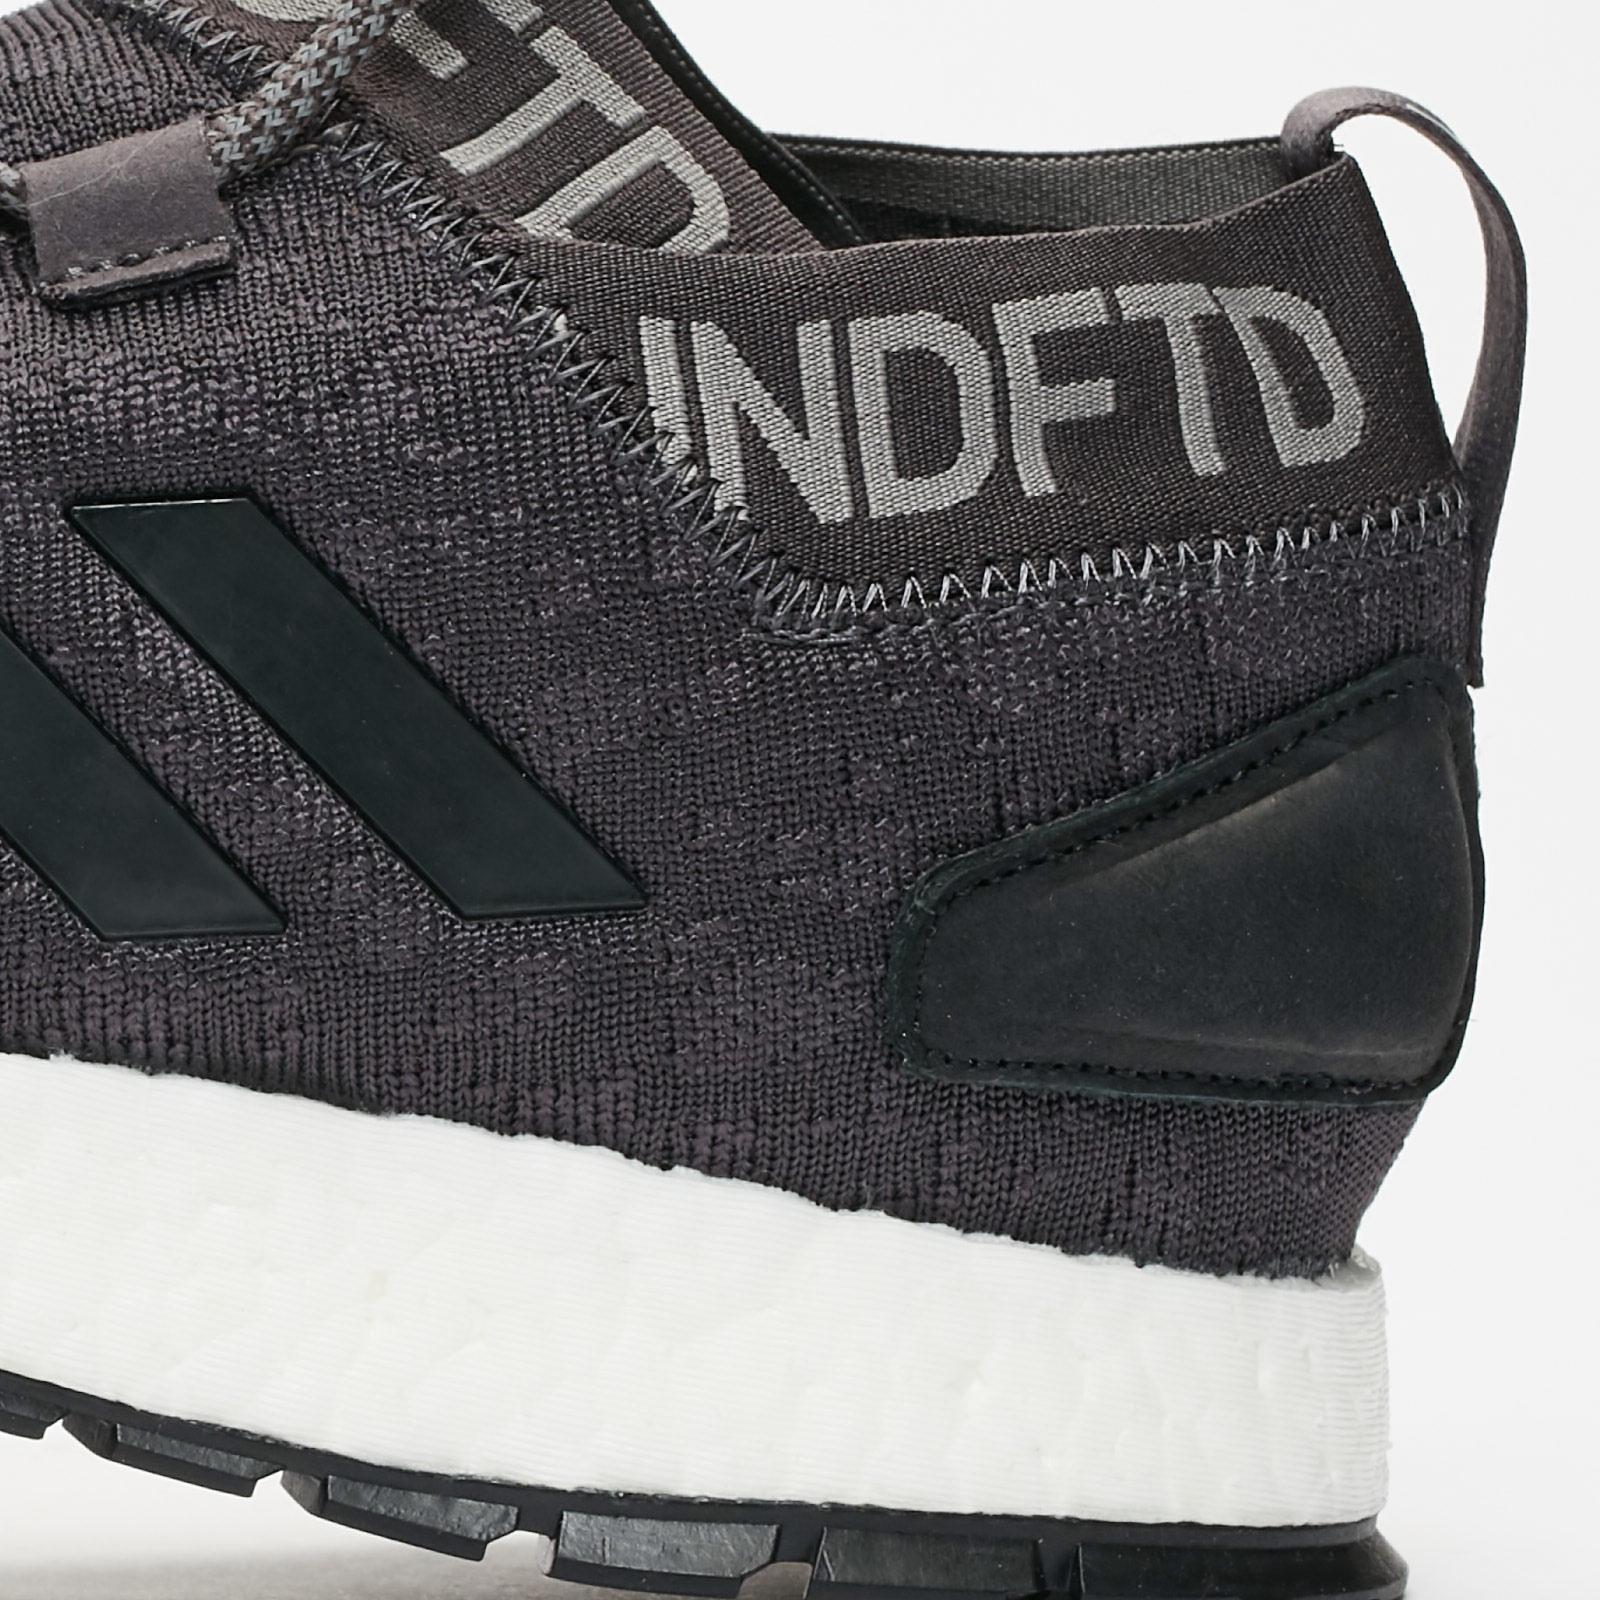 adidas PureBOOST RBL x UNDFTD - Bc0473 - Sneakersnstuff  fb3ba9c85